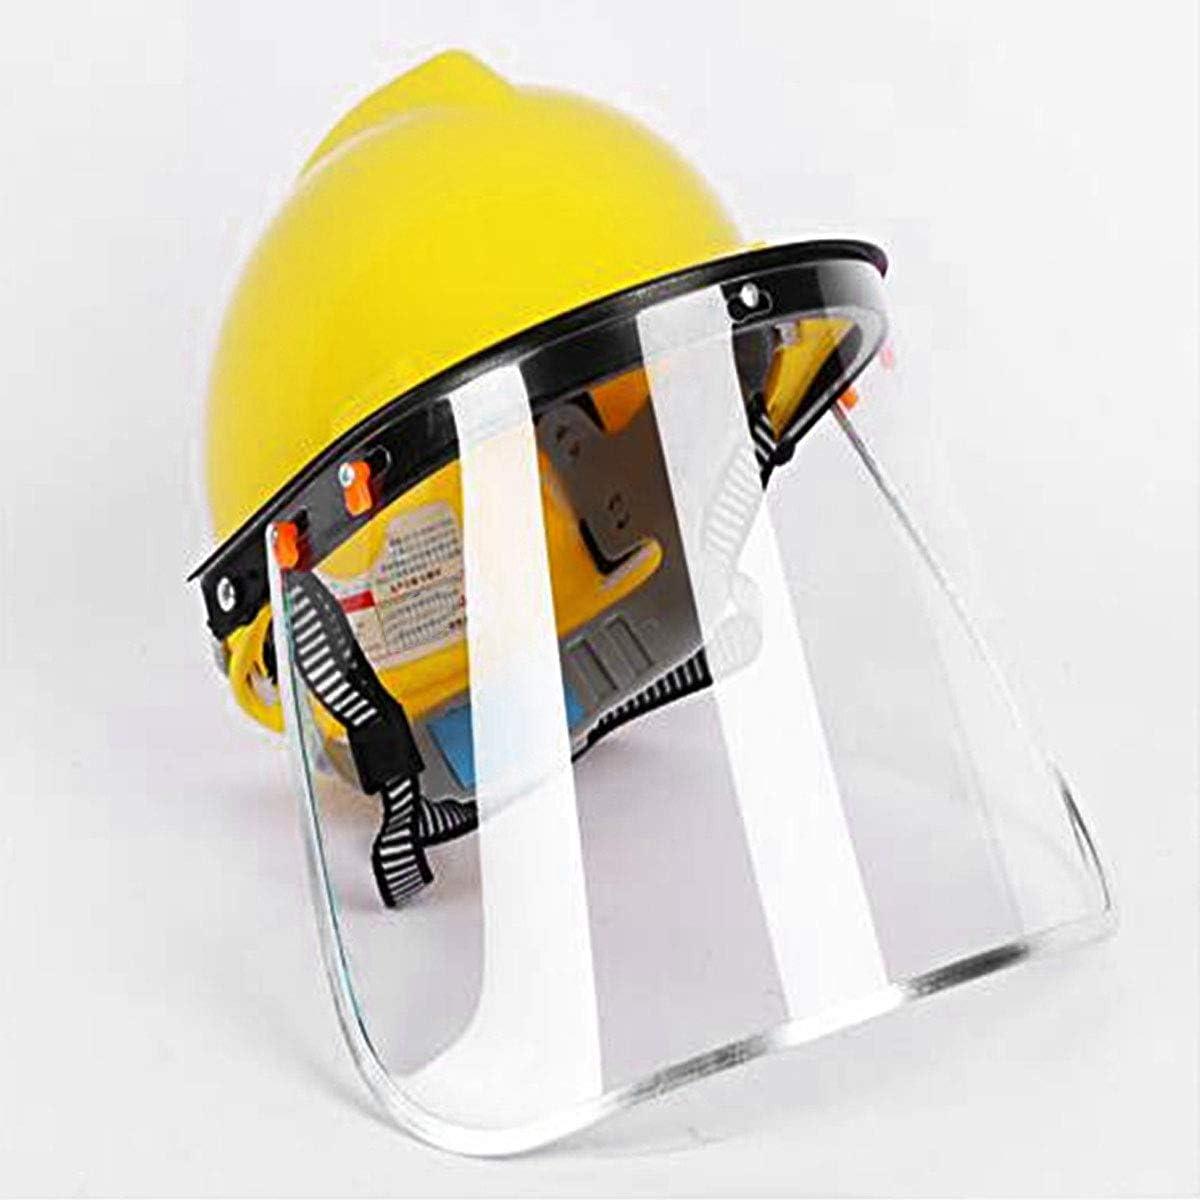 CHICTRY - 2 protectores faciales de seguridad transparentes de ...